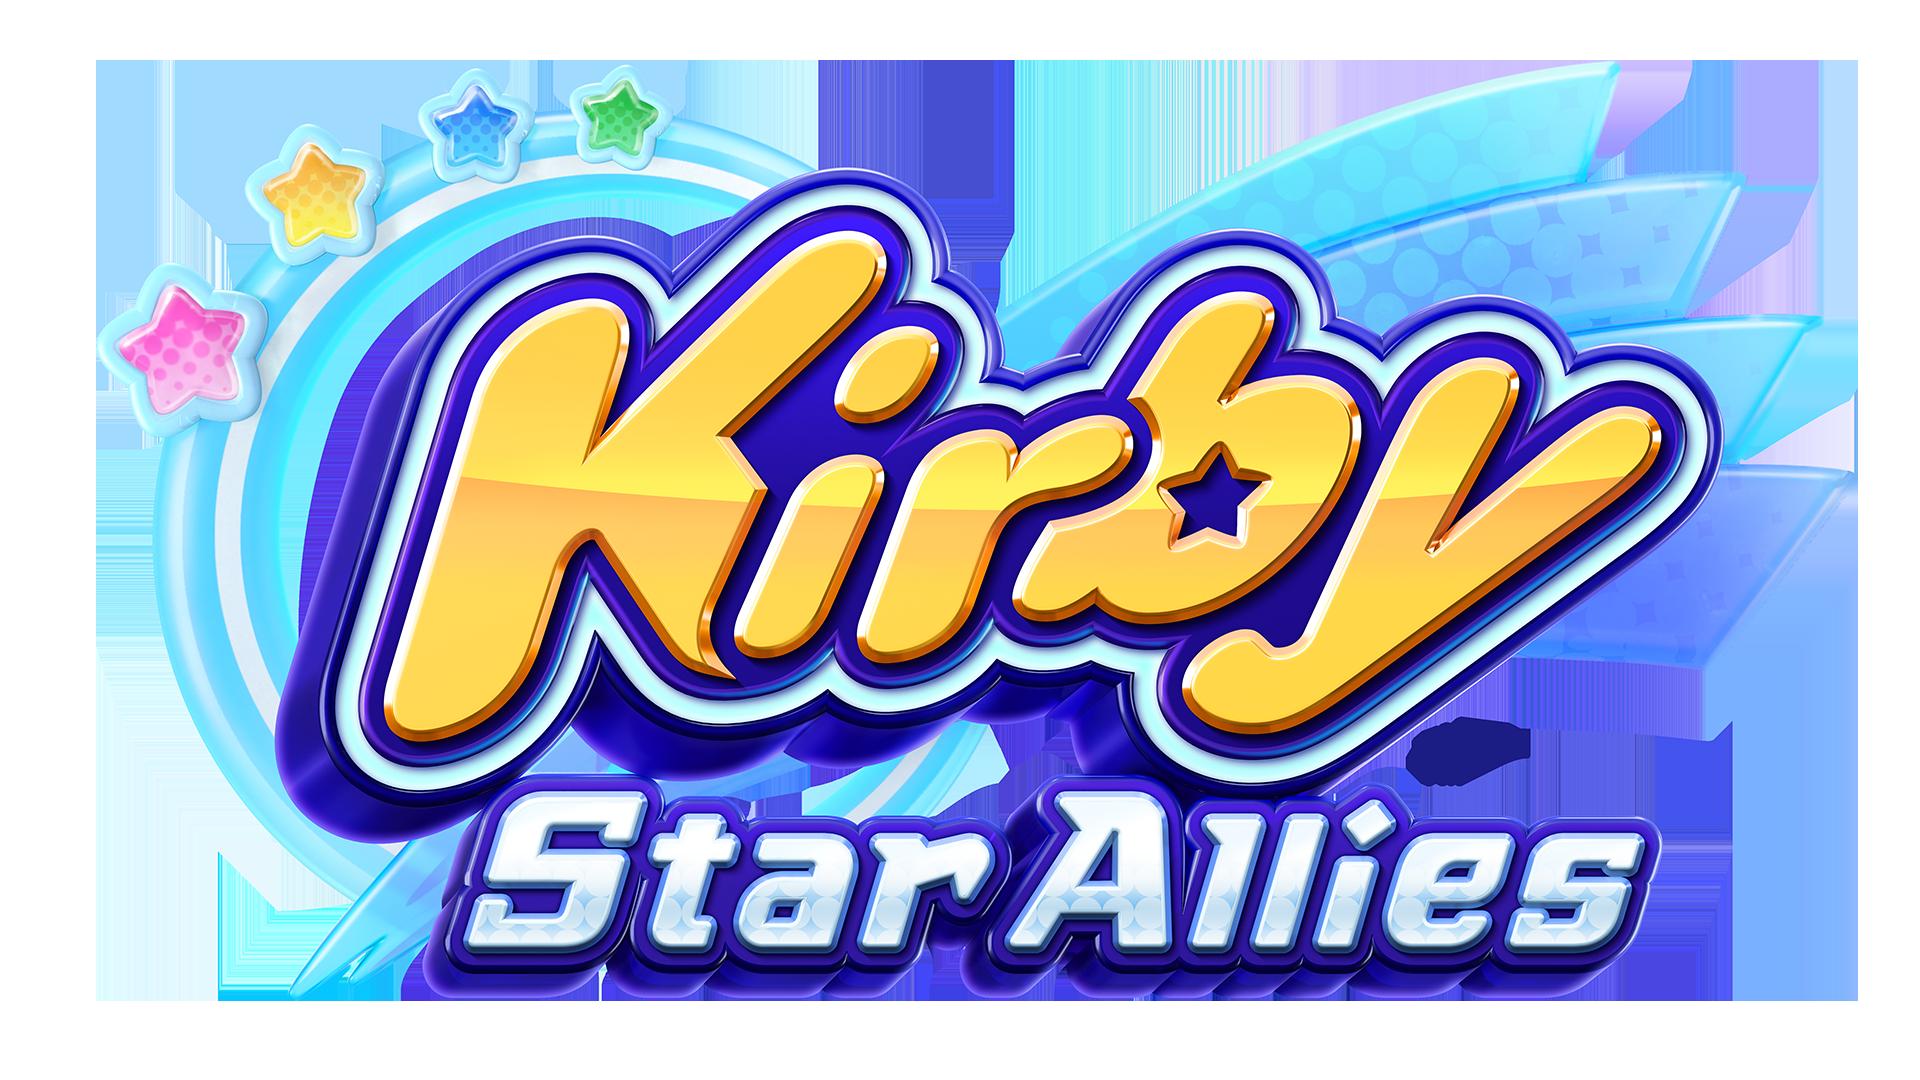 Resultado de imagem para kirby star allies logo png